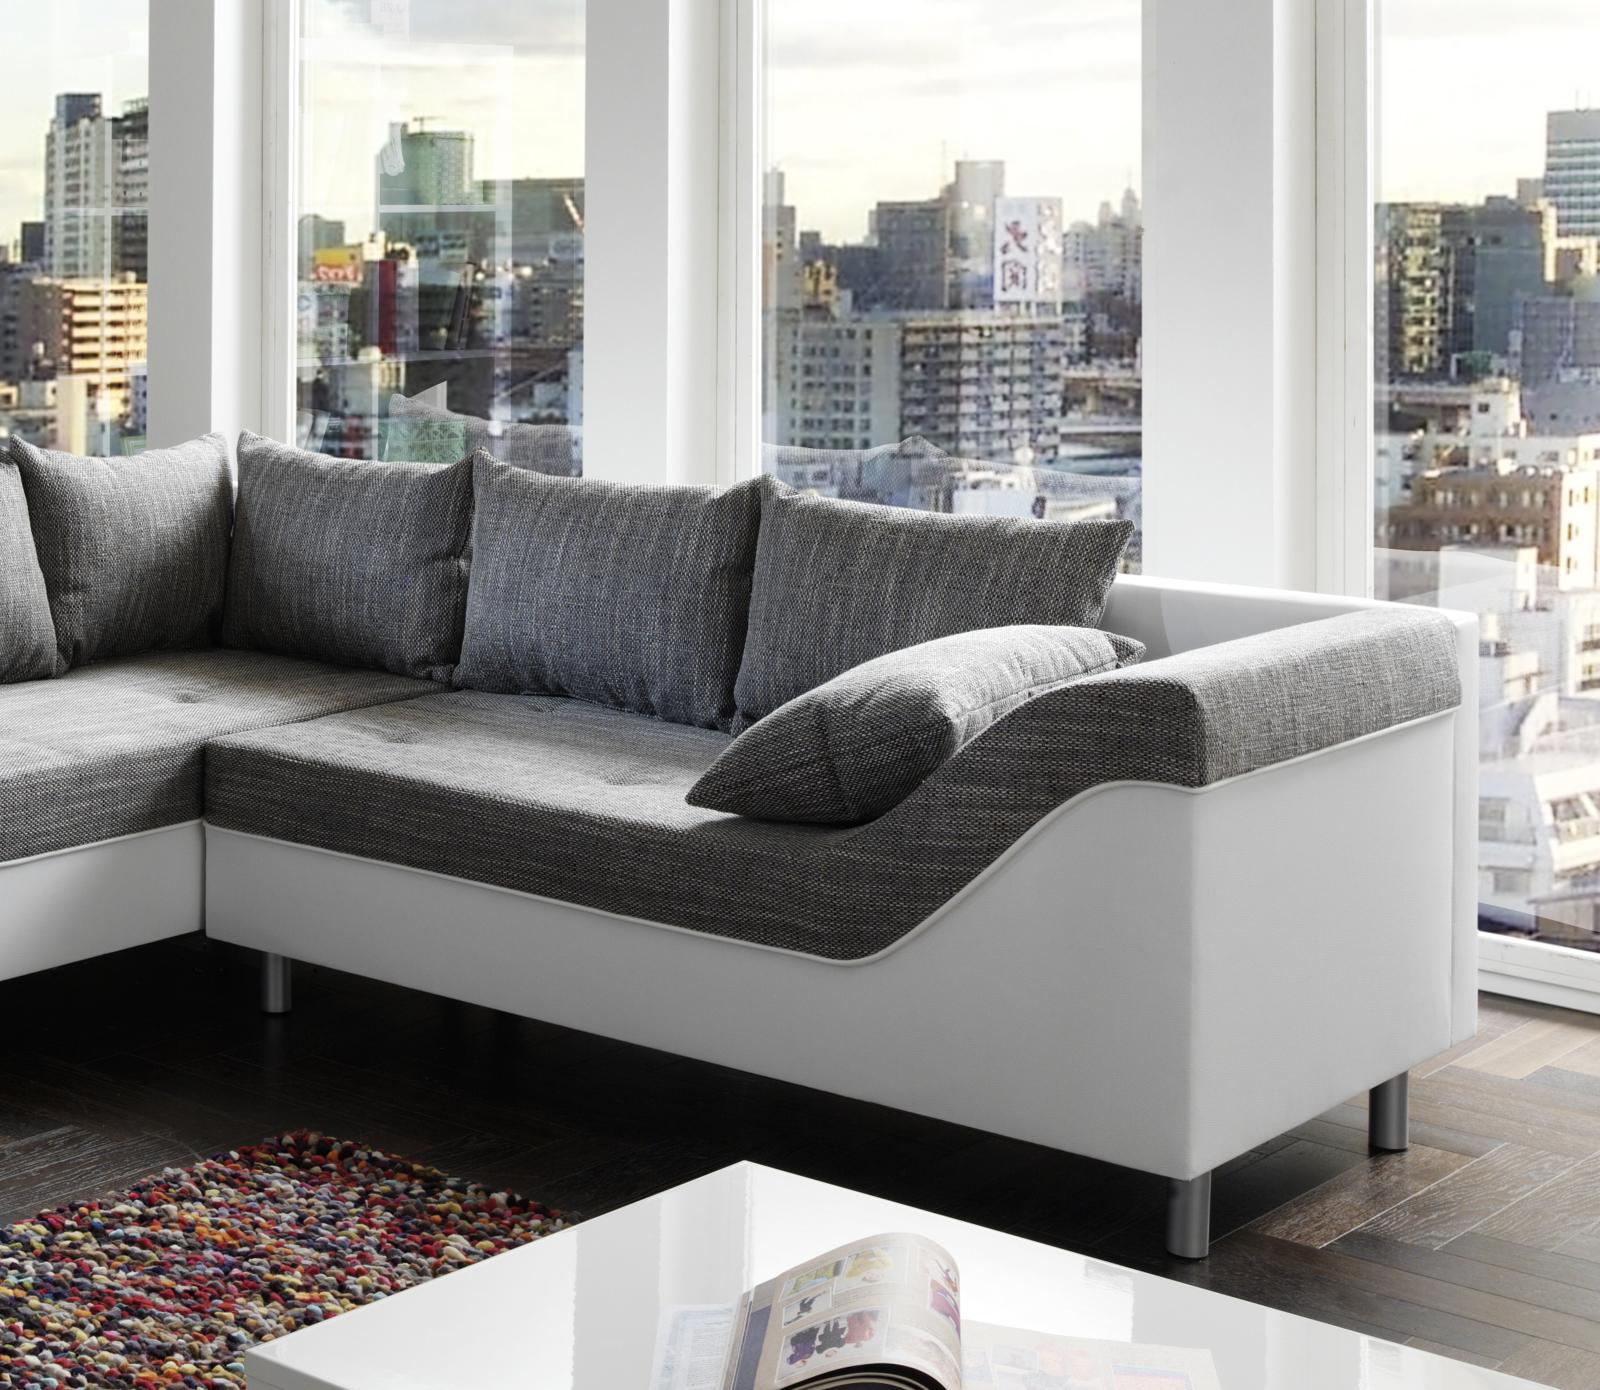 Grau Weißes Sofa : sam sofa grau wei wohnlandschaft phil 183 x 315 x 243 cm bestellware ~ Whattoseeinmadrid.com Haus und Dekorationen